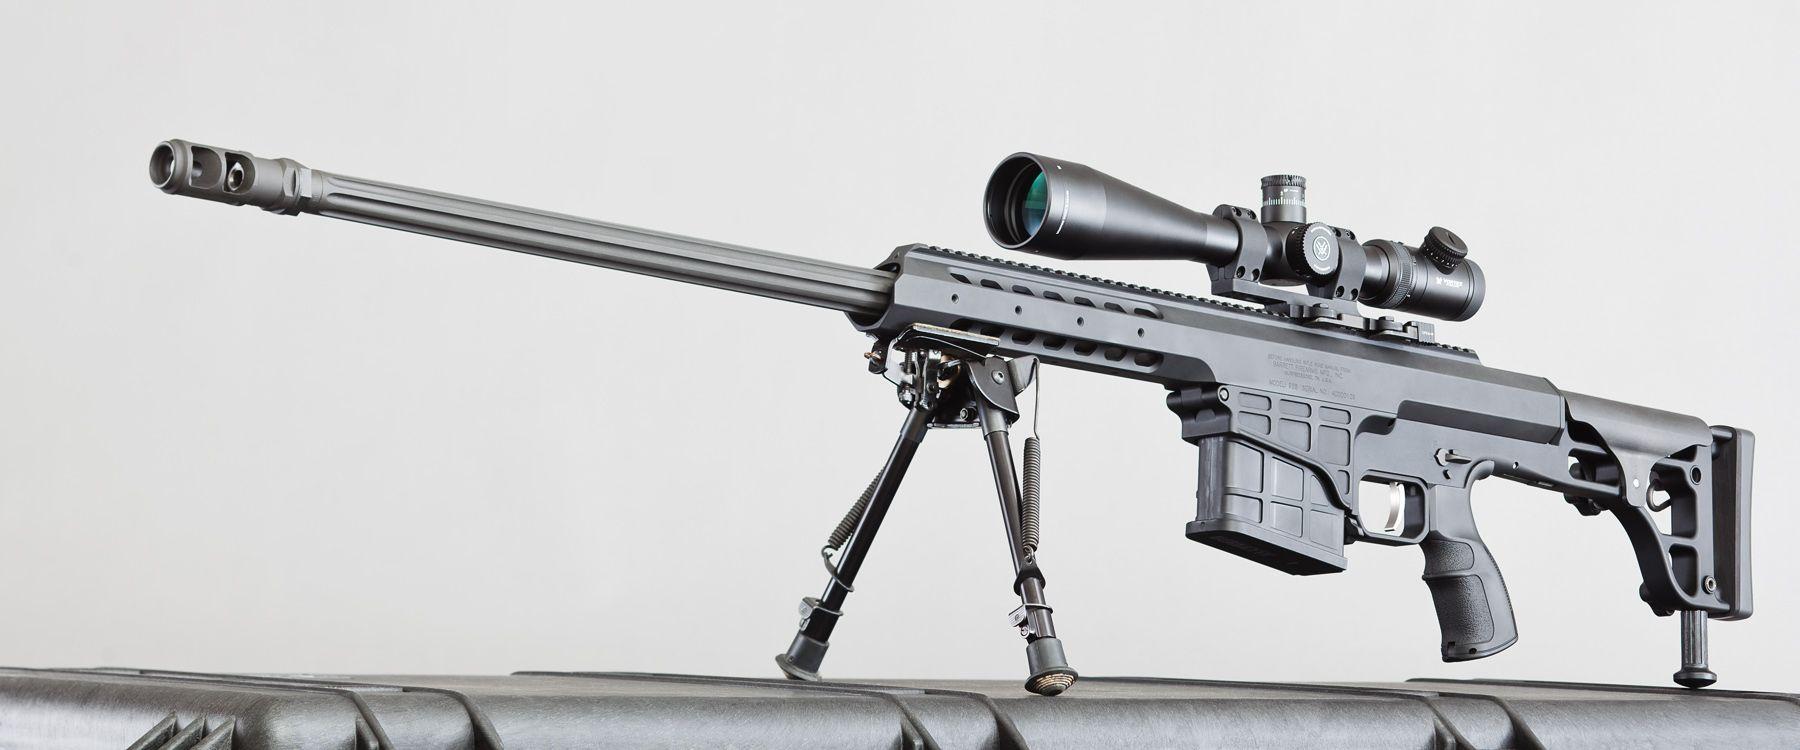 Barrett M98b Guns Gear Guns Airsoft Guns Guns Ammo